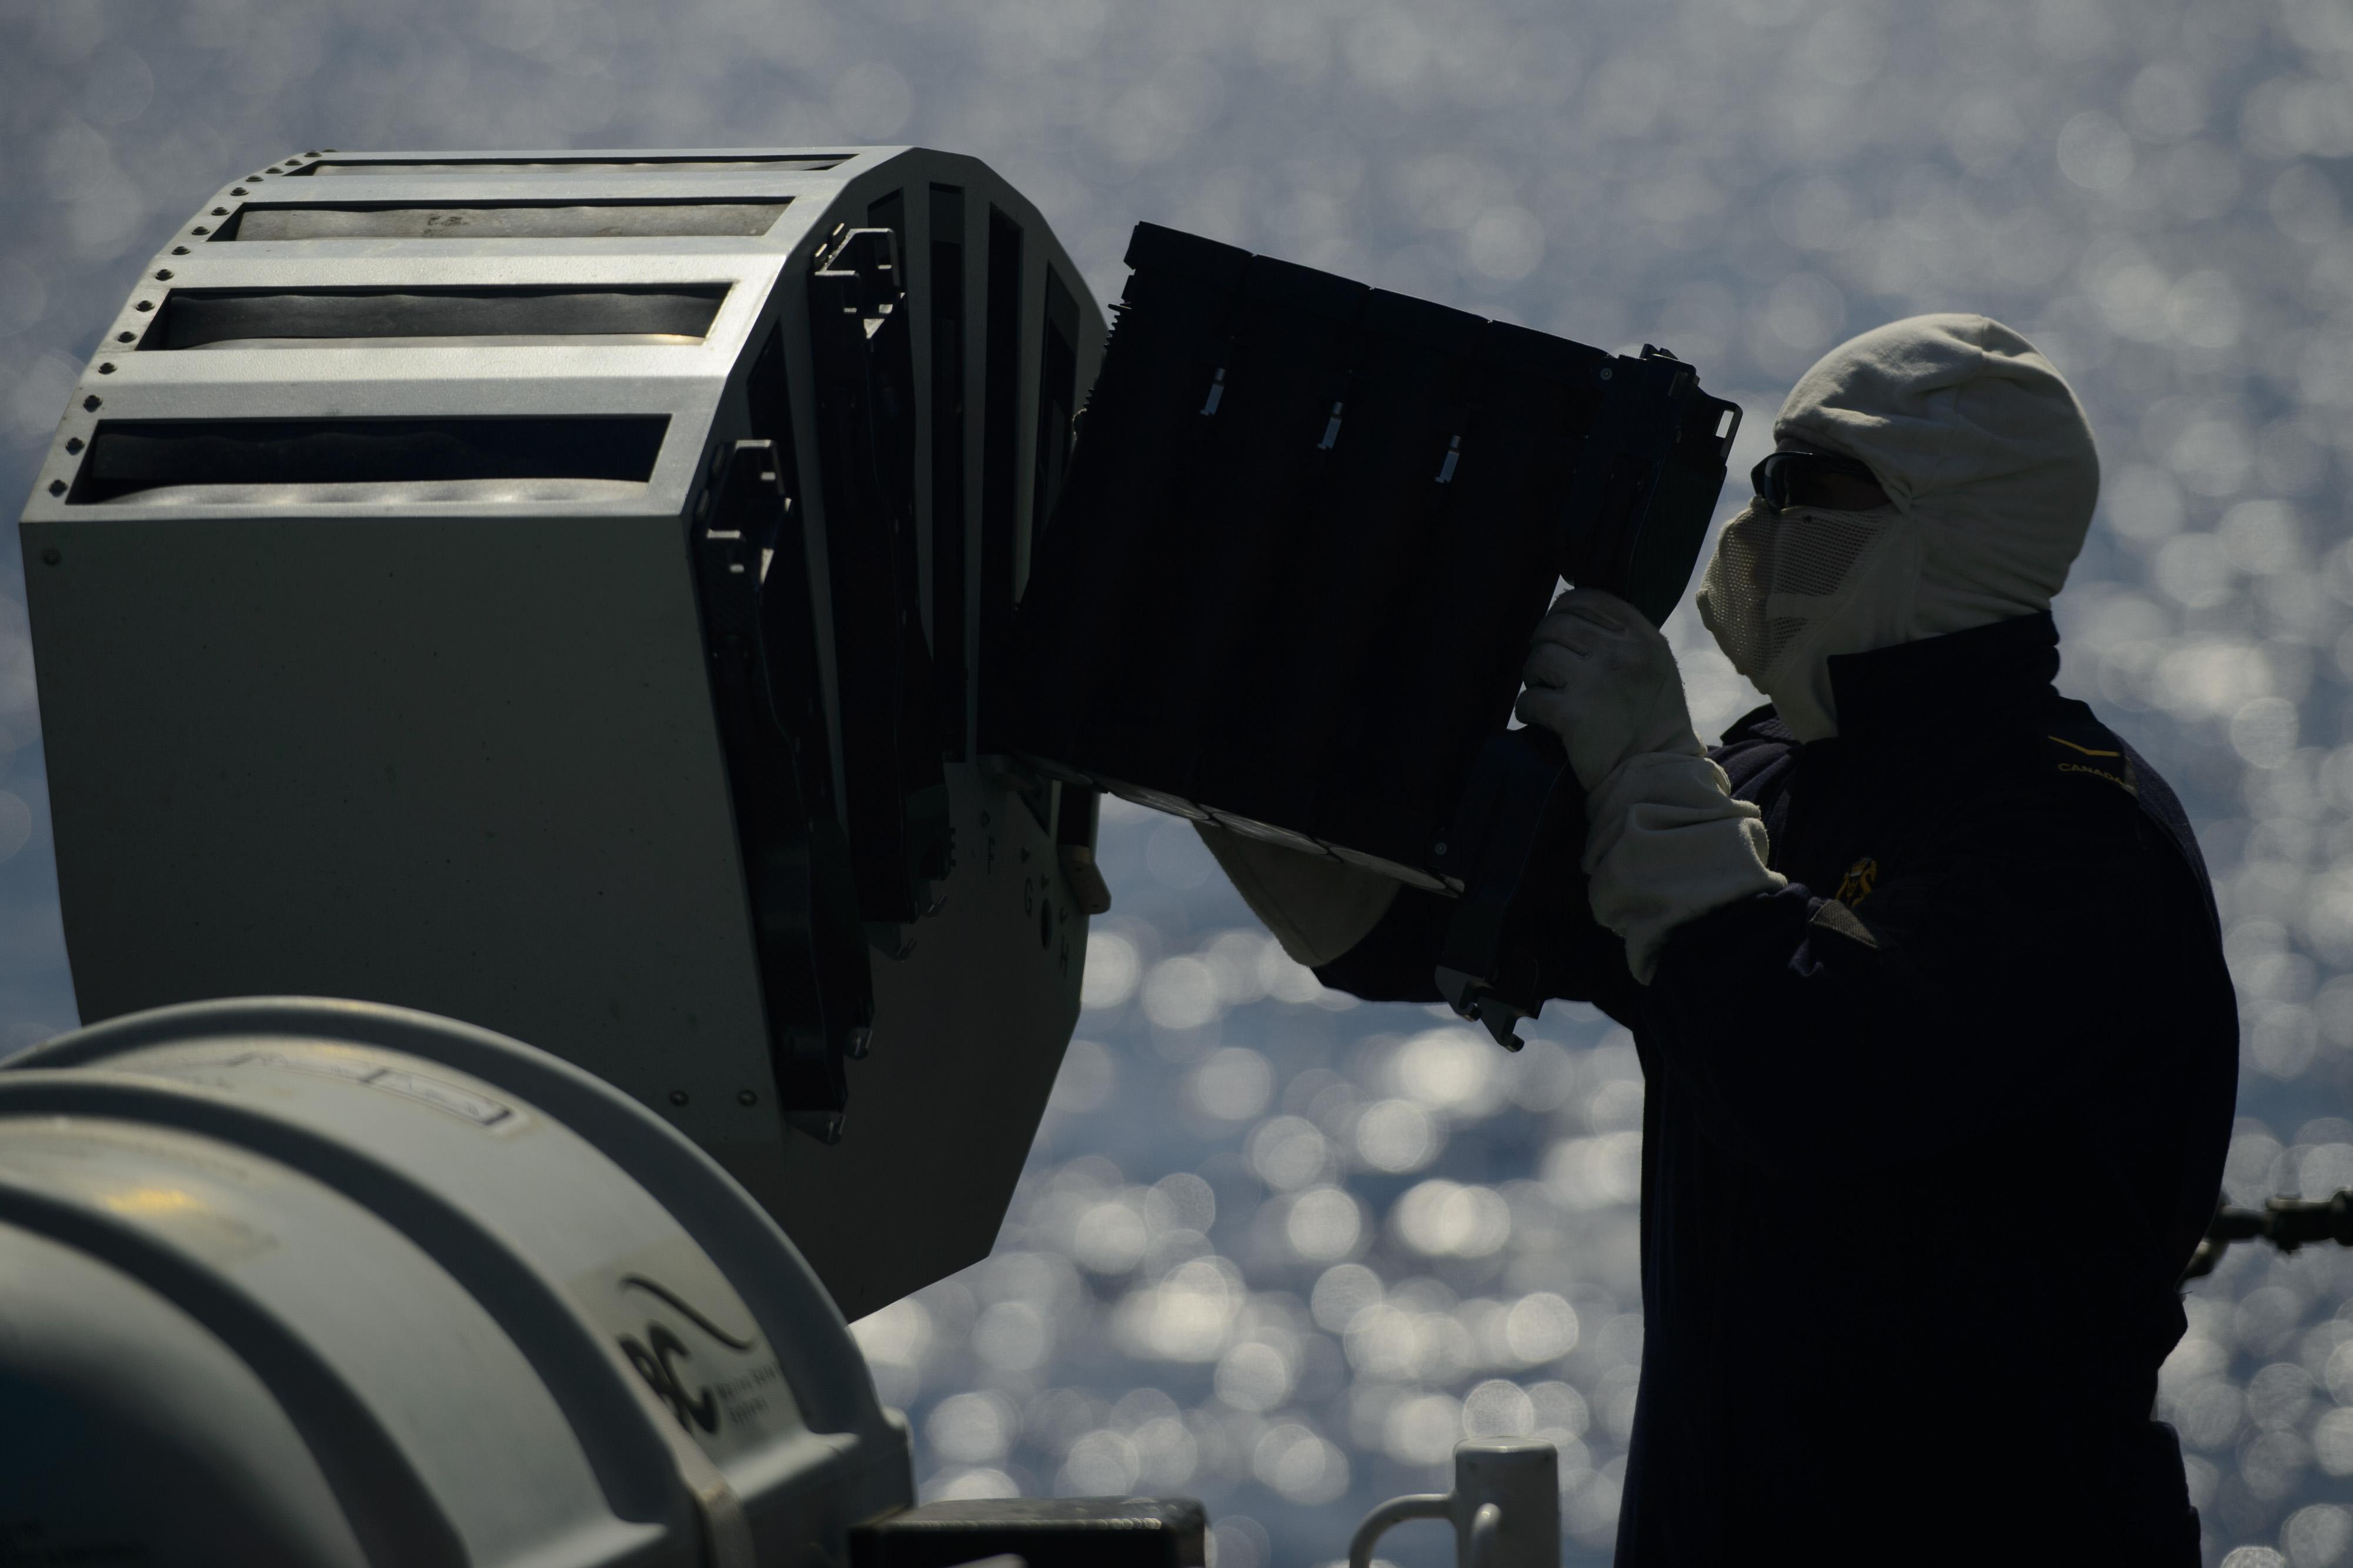 A Weapons Engineering Technician loads the ship's Multi Ammunition on Soft Kill System (MASS) aboard Her Majesty's Canadian Ship WINNIPEG during Operation REASSURANCE on July 20, 2015. Photo: Cpl Stuart MacNeil, HMCS WINNIPEG ET2015-5041-005 ~ Un technicien en génie des armes charge le Système de mise hors de combat de multi munitions (MASS) du navire à bord du Navire canadien de Sa Majesté WINNIPEG au cours de l'opération REASSURANCE, le 20 juillet 2015. Photo : Cpl Stuart MacNeil, NCSM WINNIPEG ET2015-5041-005